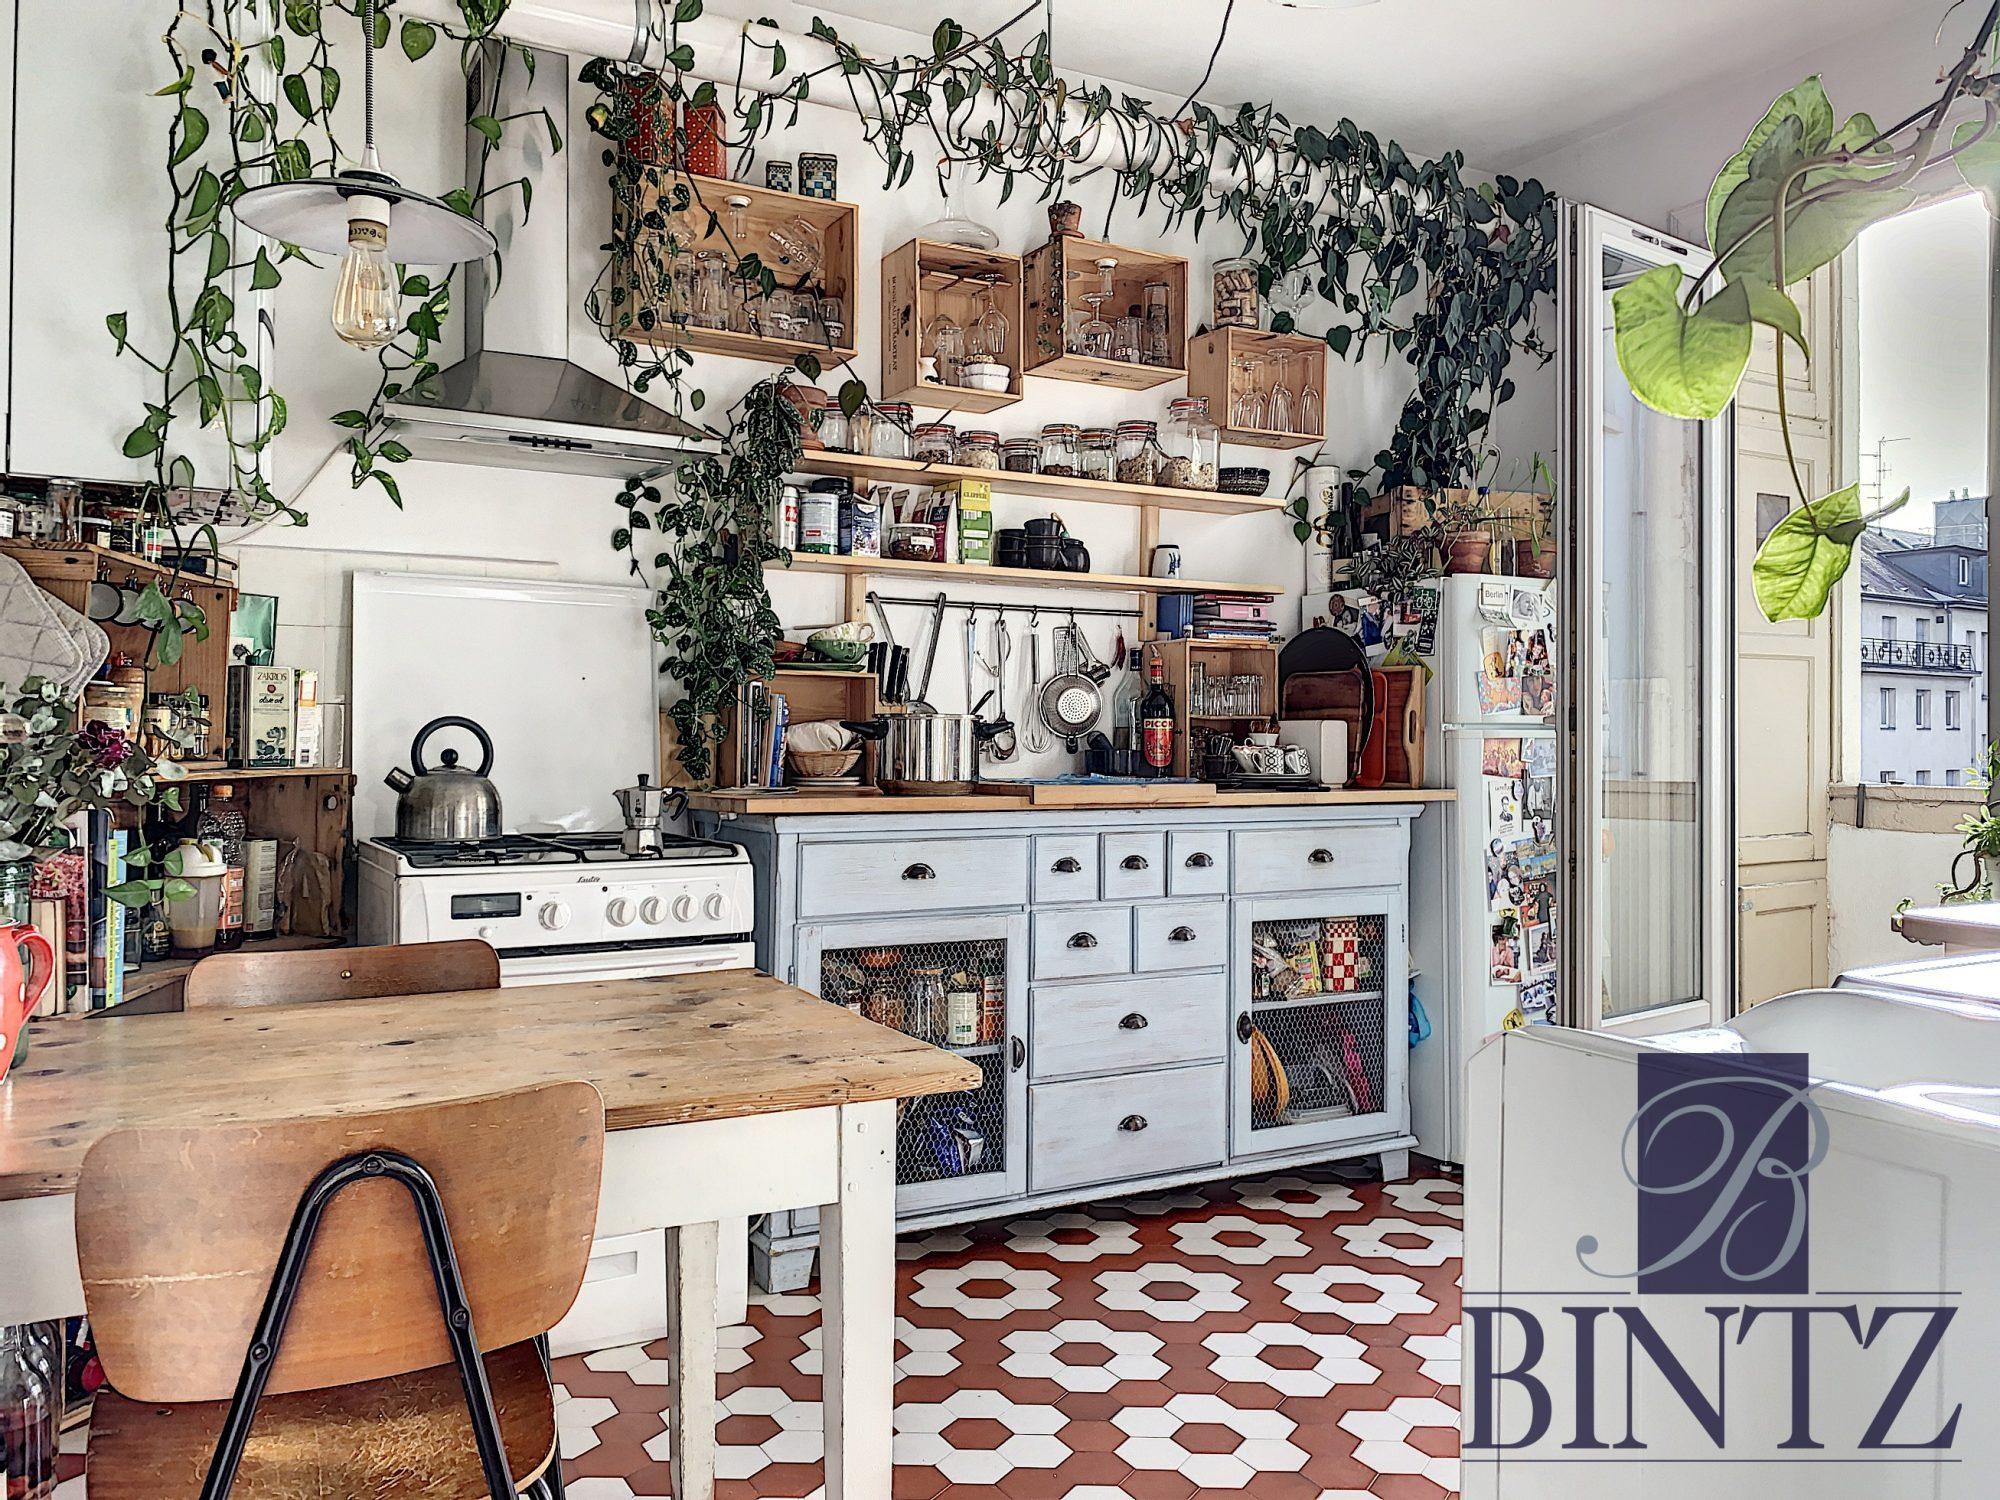 HORRIBLE 2 PIECES - Devenez locataire en toute sérénité - Bintz Immobilier - 10